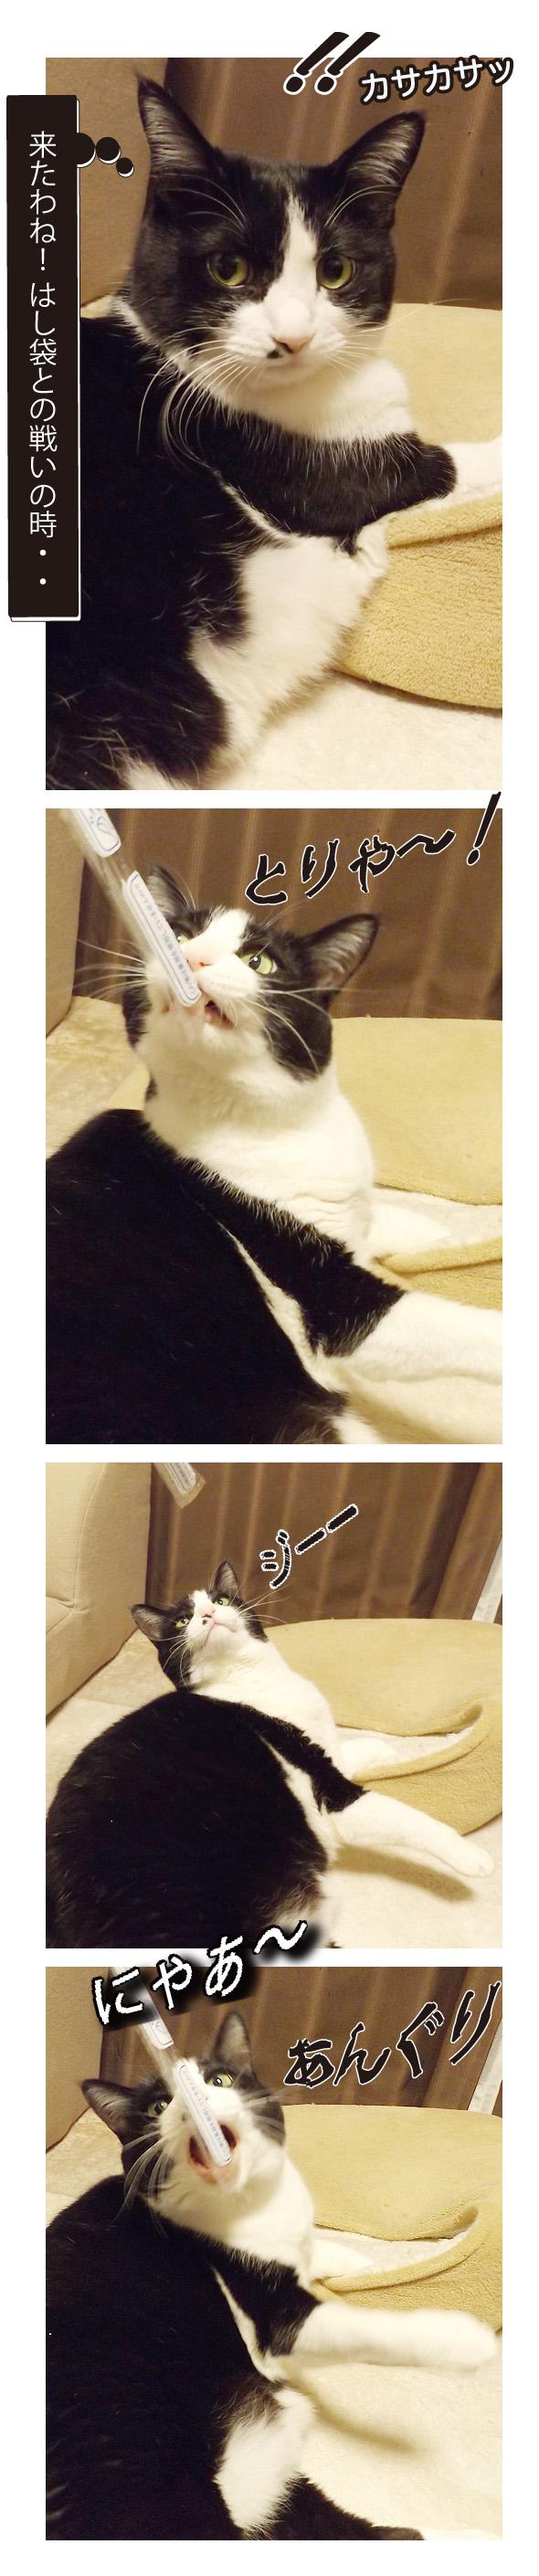 はし袋と遊ぶ猫